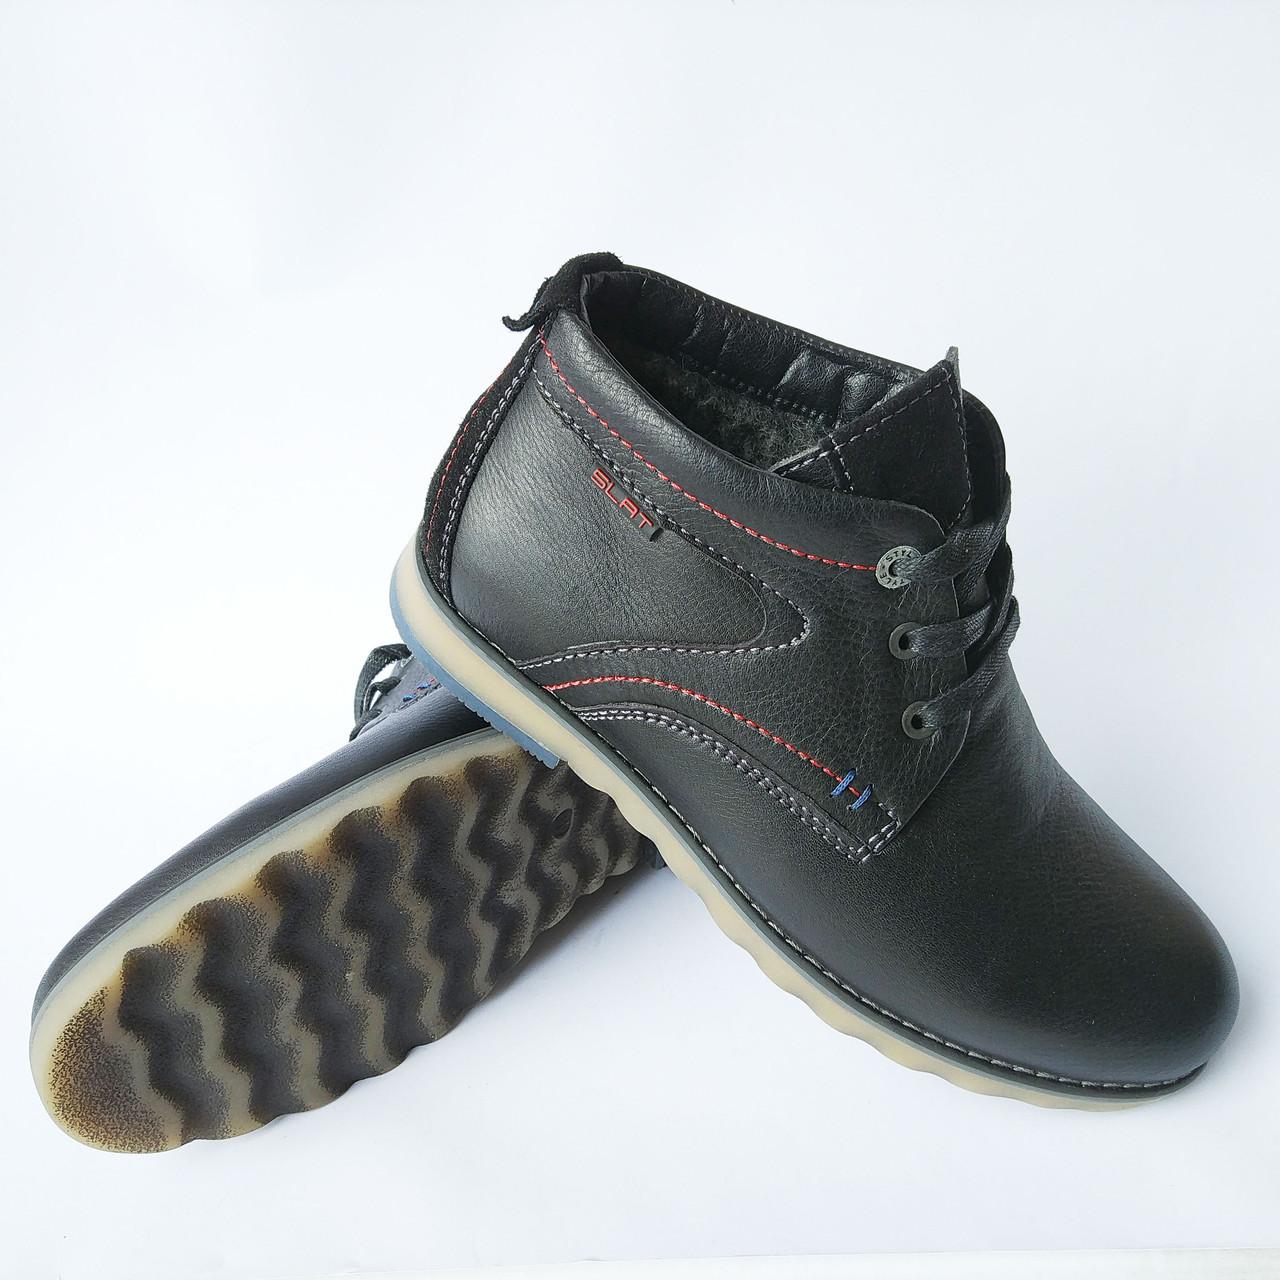 5931f890d9bd Мужская Slat обувь украинских производителей   кожаные, зимние ботинки,  черного цвета, на шерсти